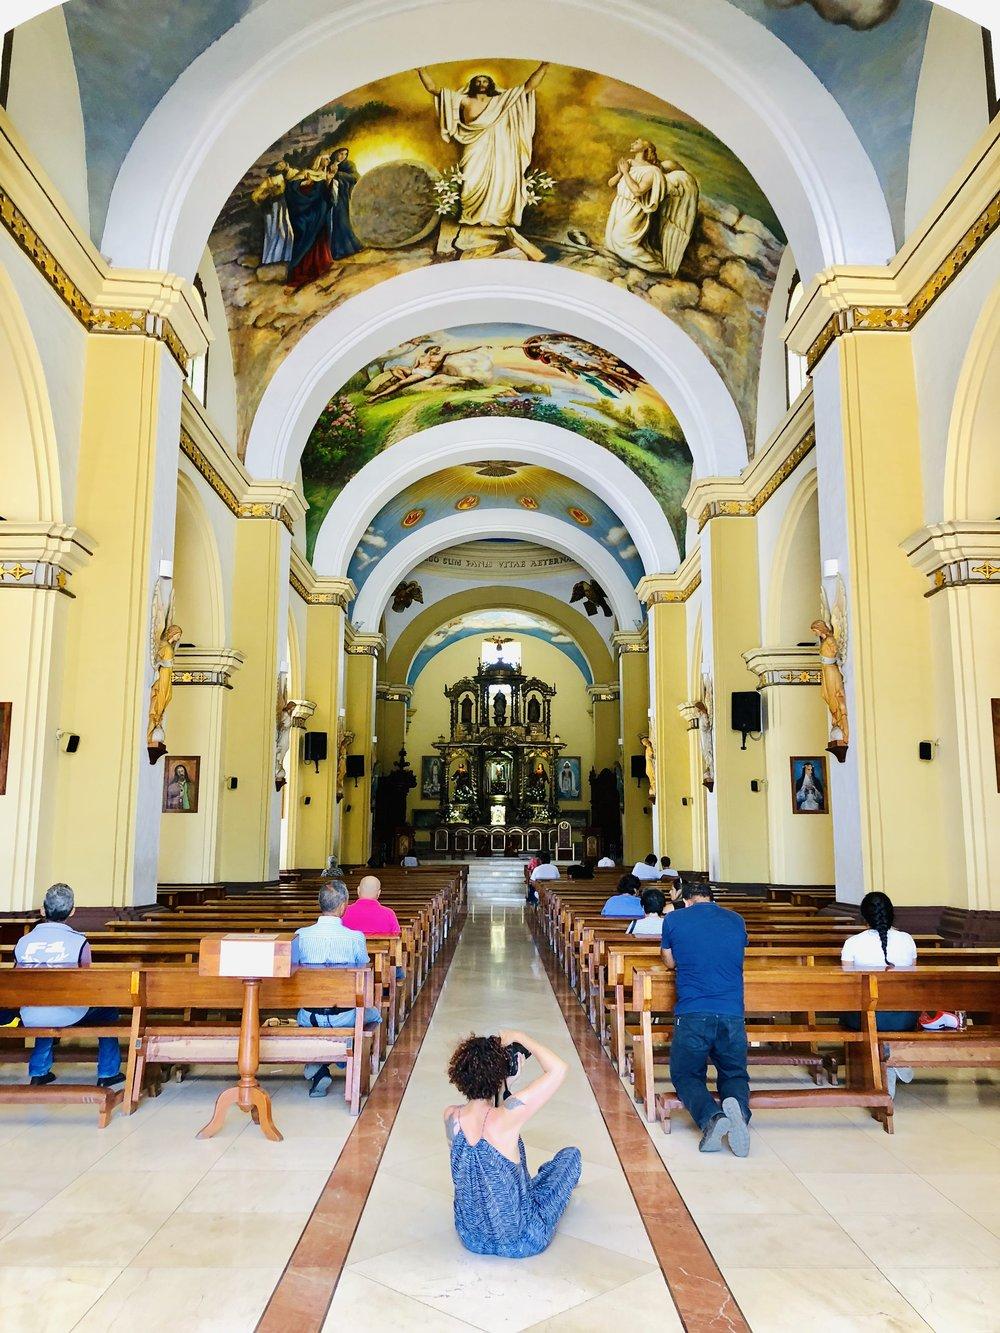 Estuvimos en Trujillo fotografiando por la ciudad. Nuestra fotógrafa  Cinda Miranda  registró todo a su paso, y la Catedral no fue la excepción.